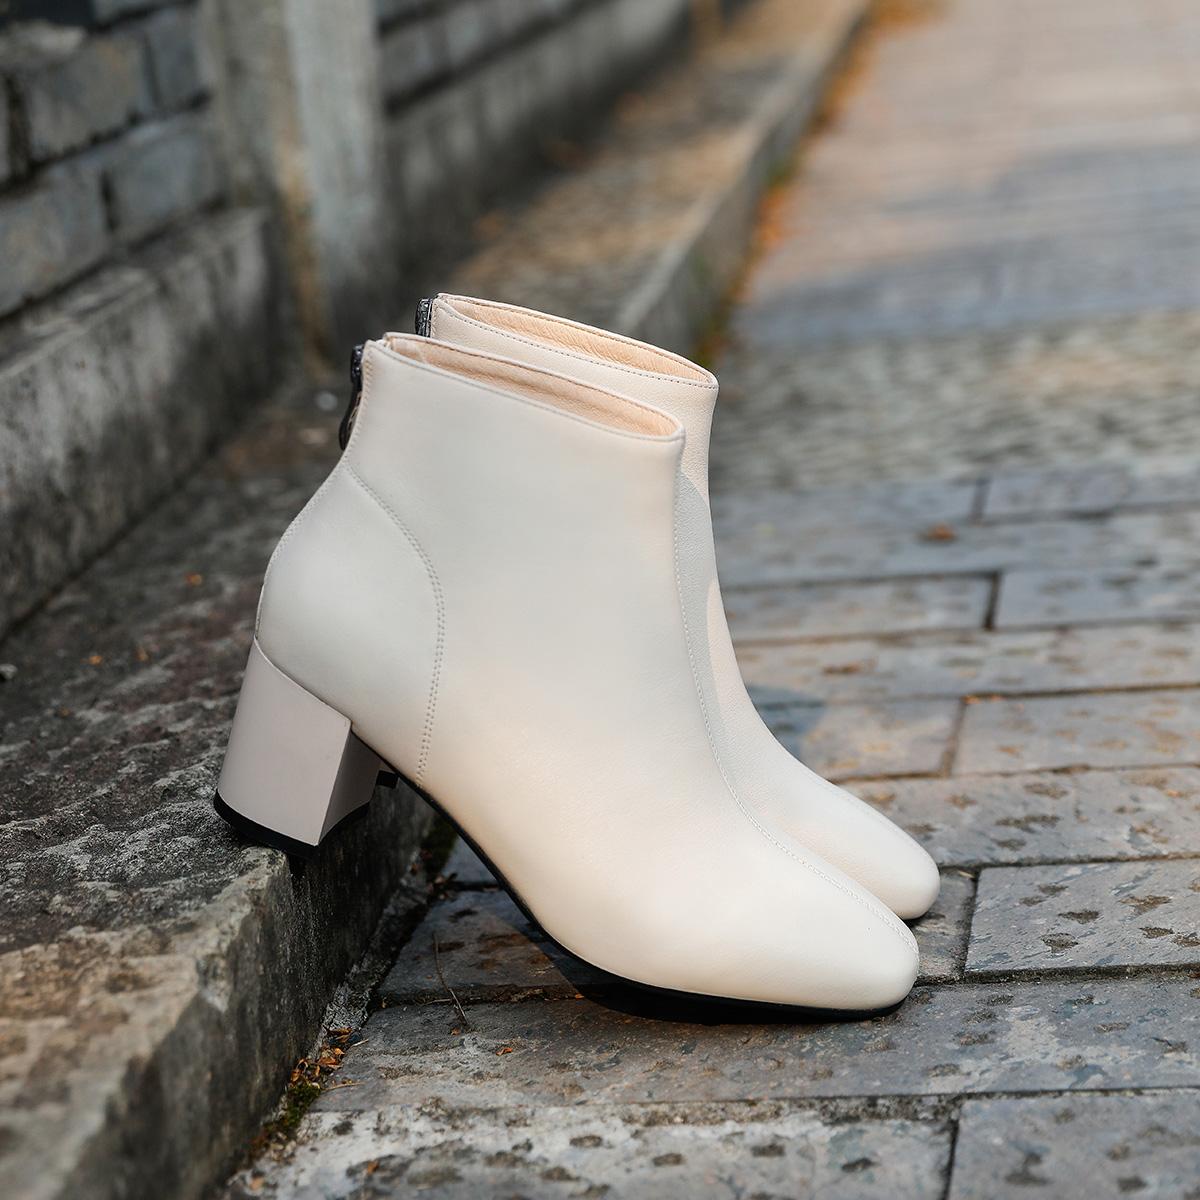 63218 秋冬新款牛皮女靴气质粗高跟时装靴 2019 欧琦蔓英伦风短靴女